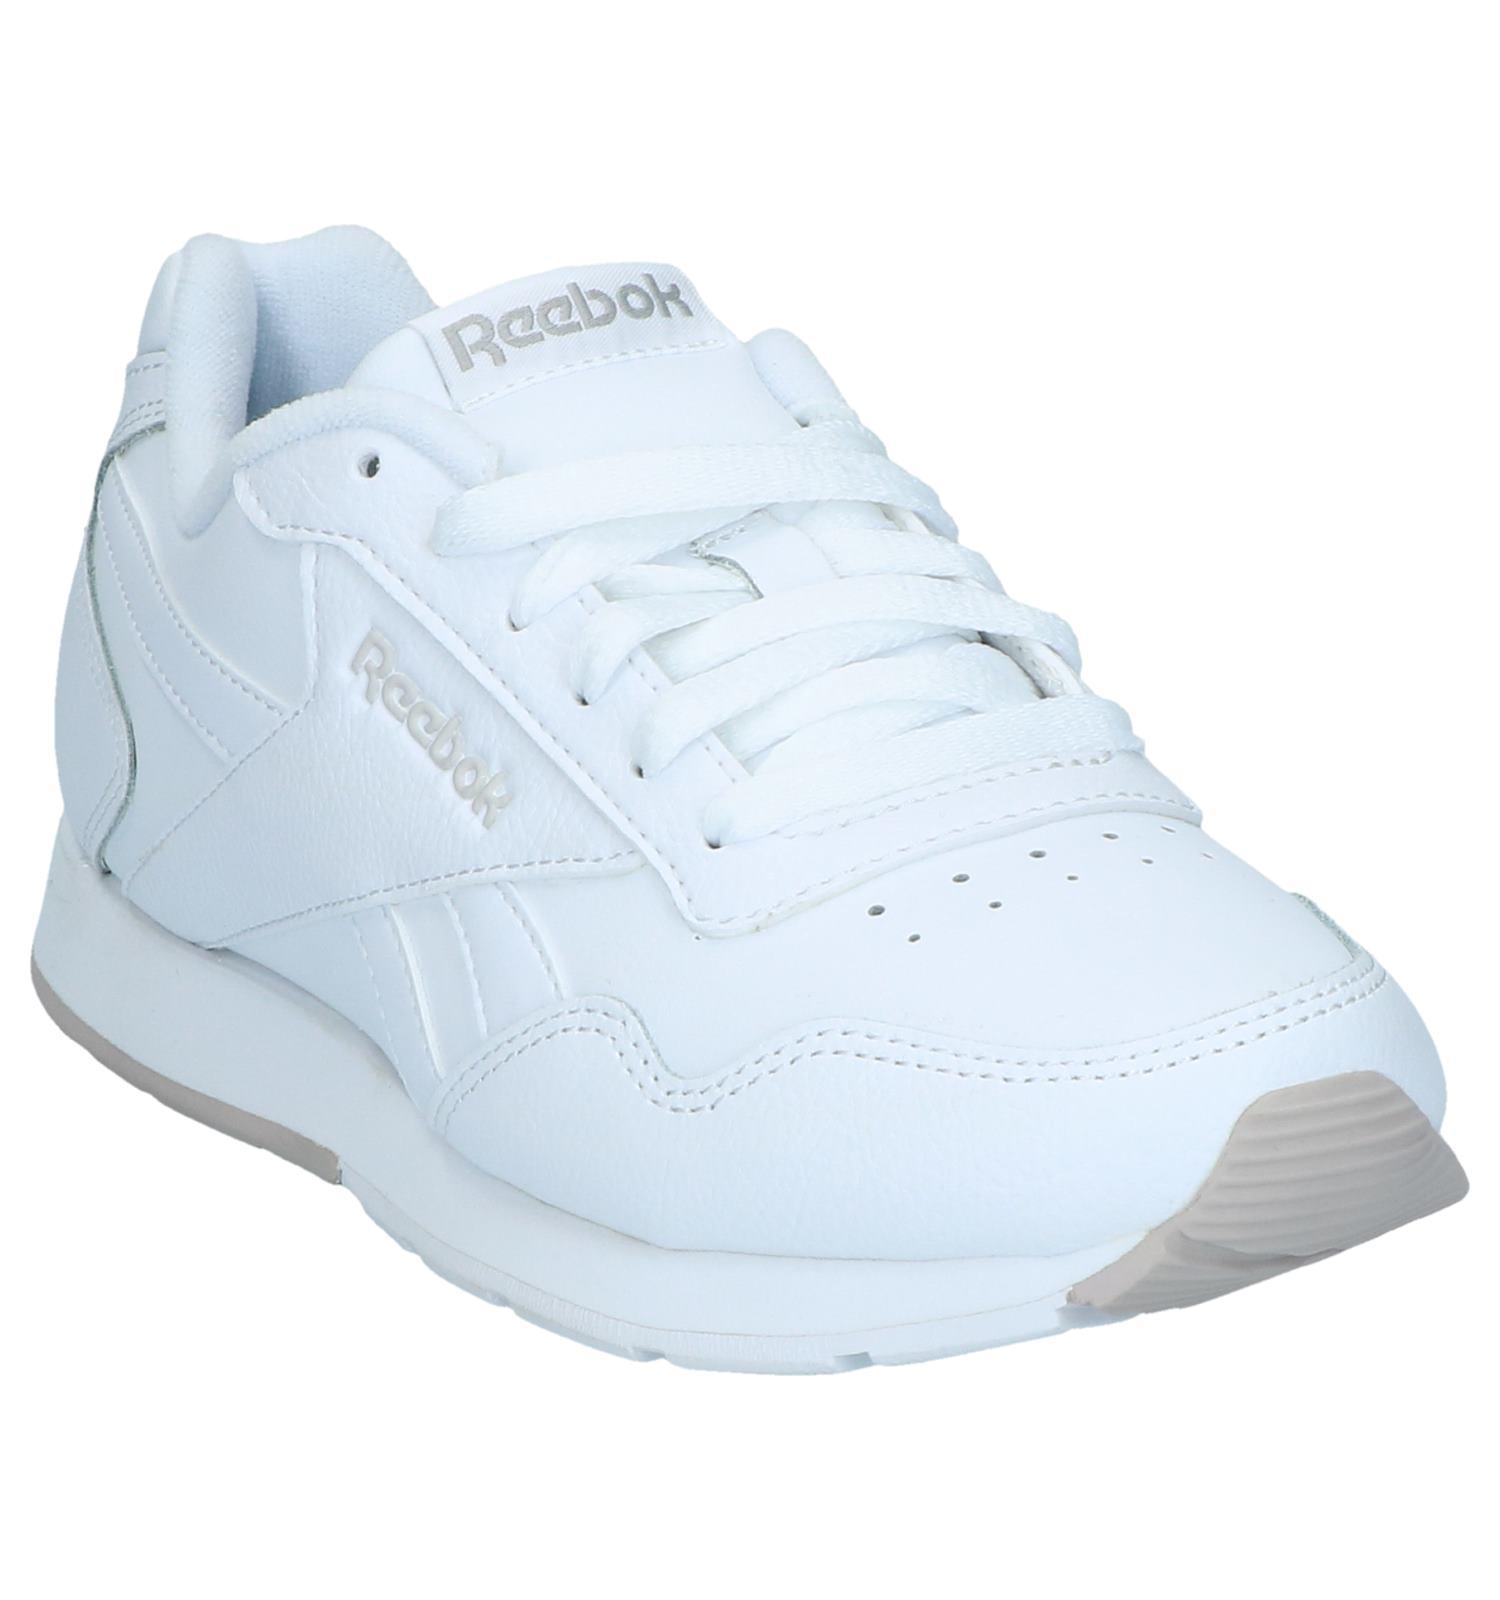 Reebok Sneakers Reebok Sneakers Witte Royal Glide Reebok Witte Royal Sneakers Witte Glide CWrdoexB